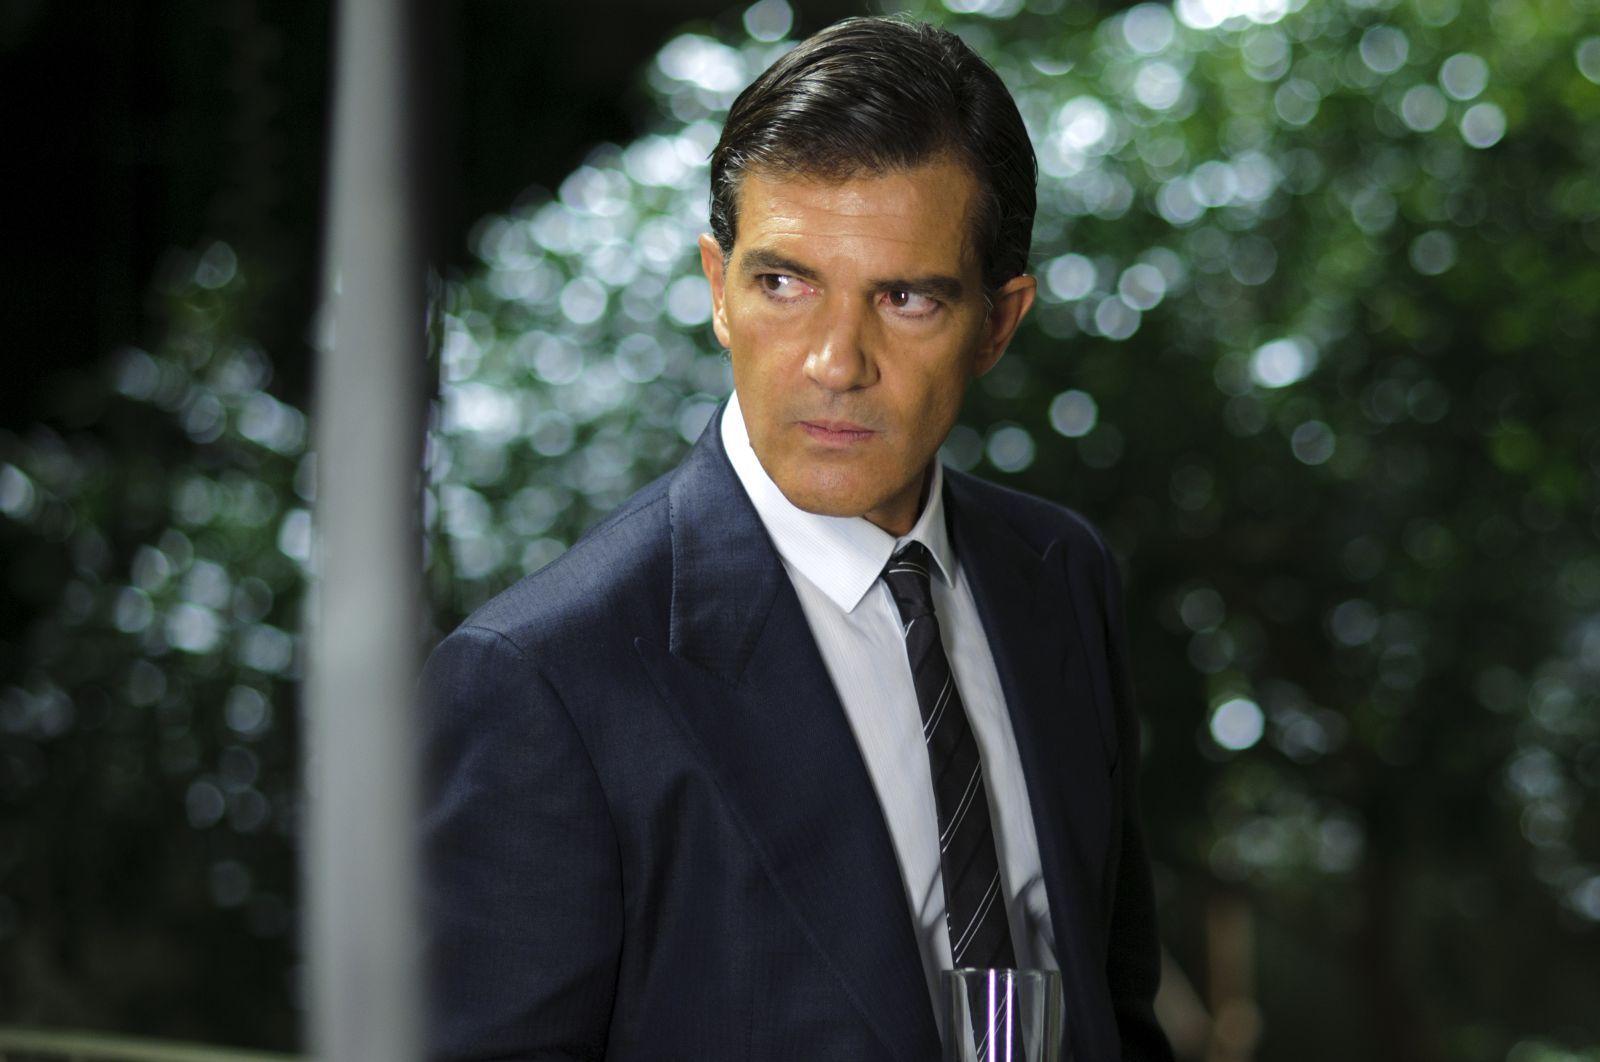 Antonio Banderas: Antonio Banderas Talks Terrence Malick's Process And